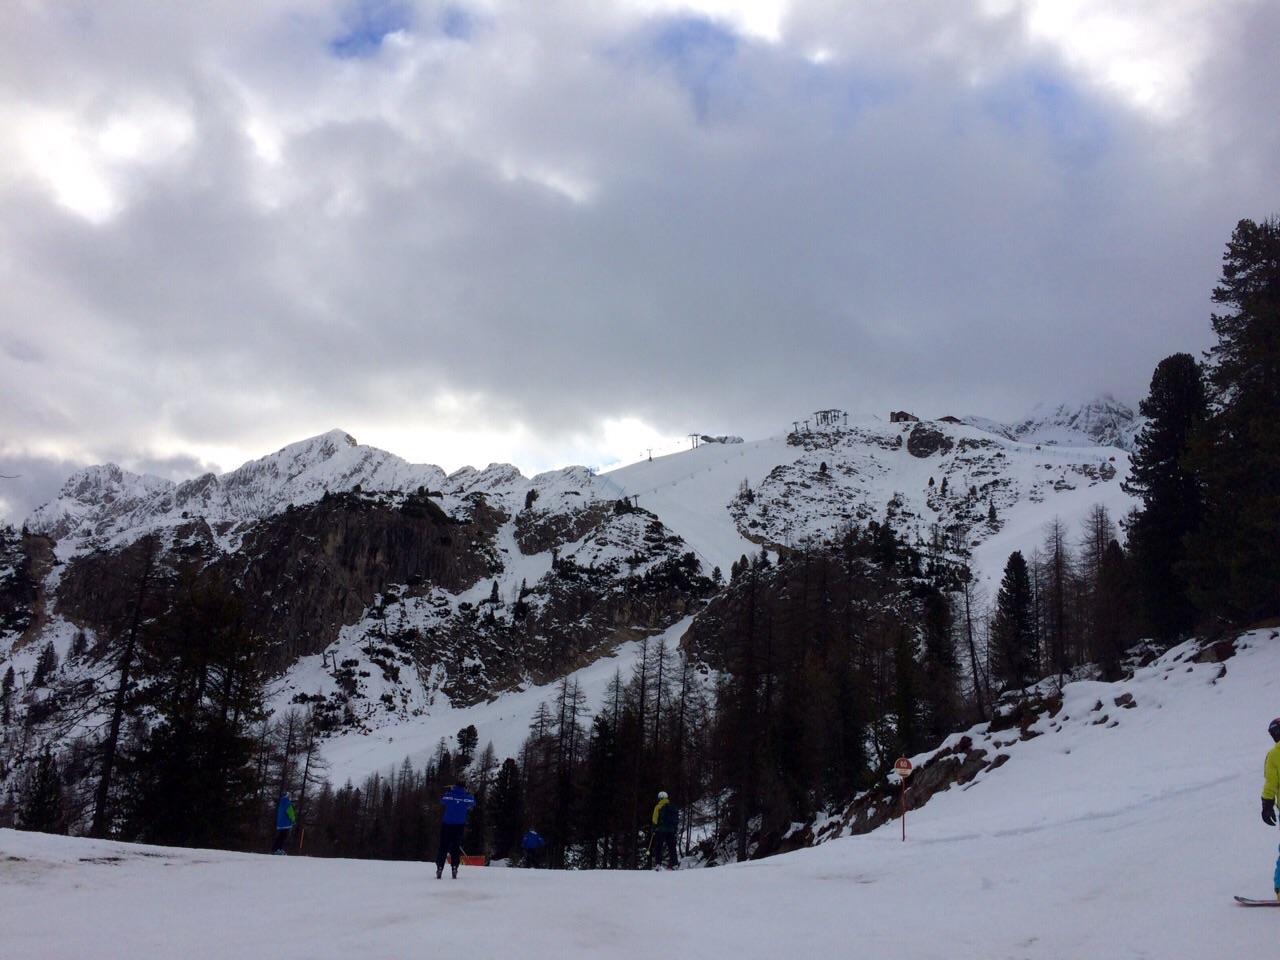 Boarderline_cortina_d_ampezzo_snowboard_scuola_snowboard_noleggio_apertura_faloria_cortinacube3